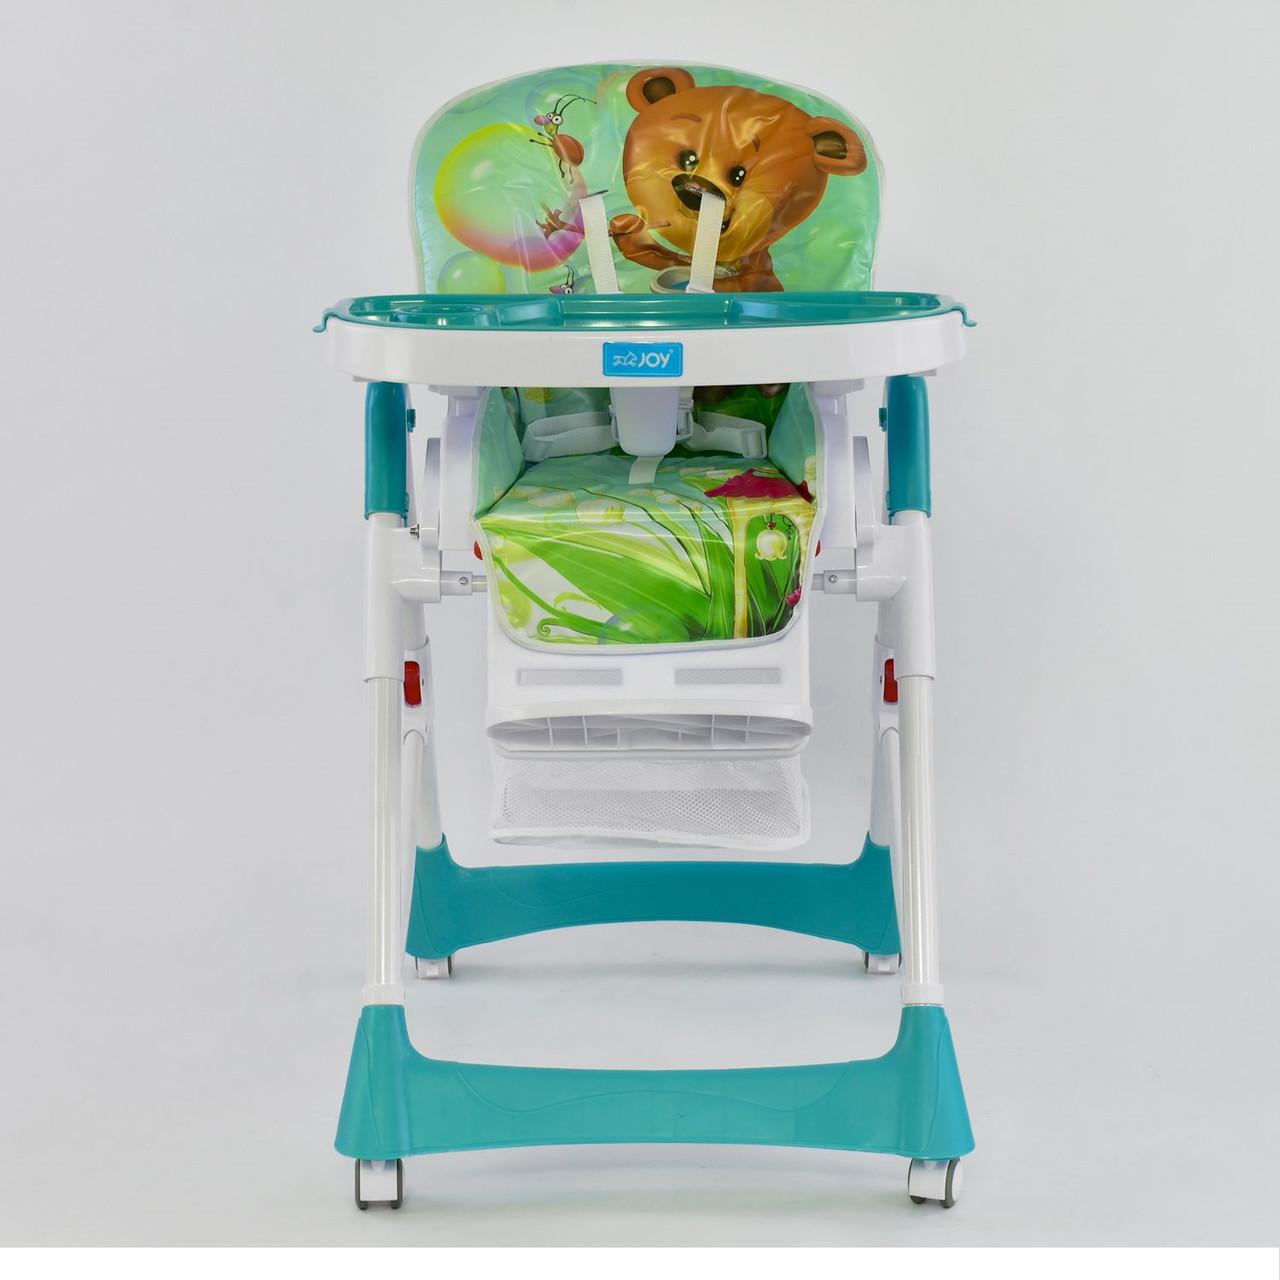 Стульчик для кормления JOY J 3900 зеленый